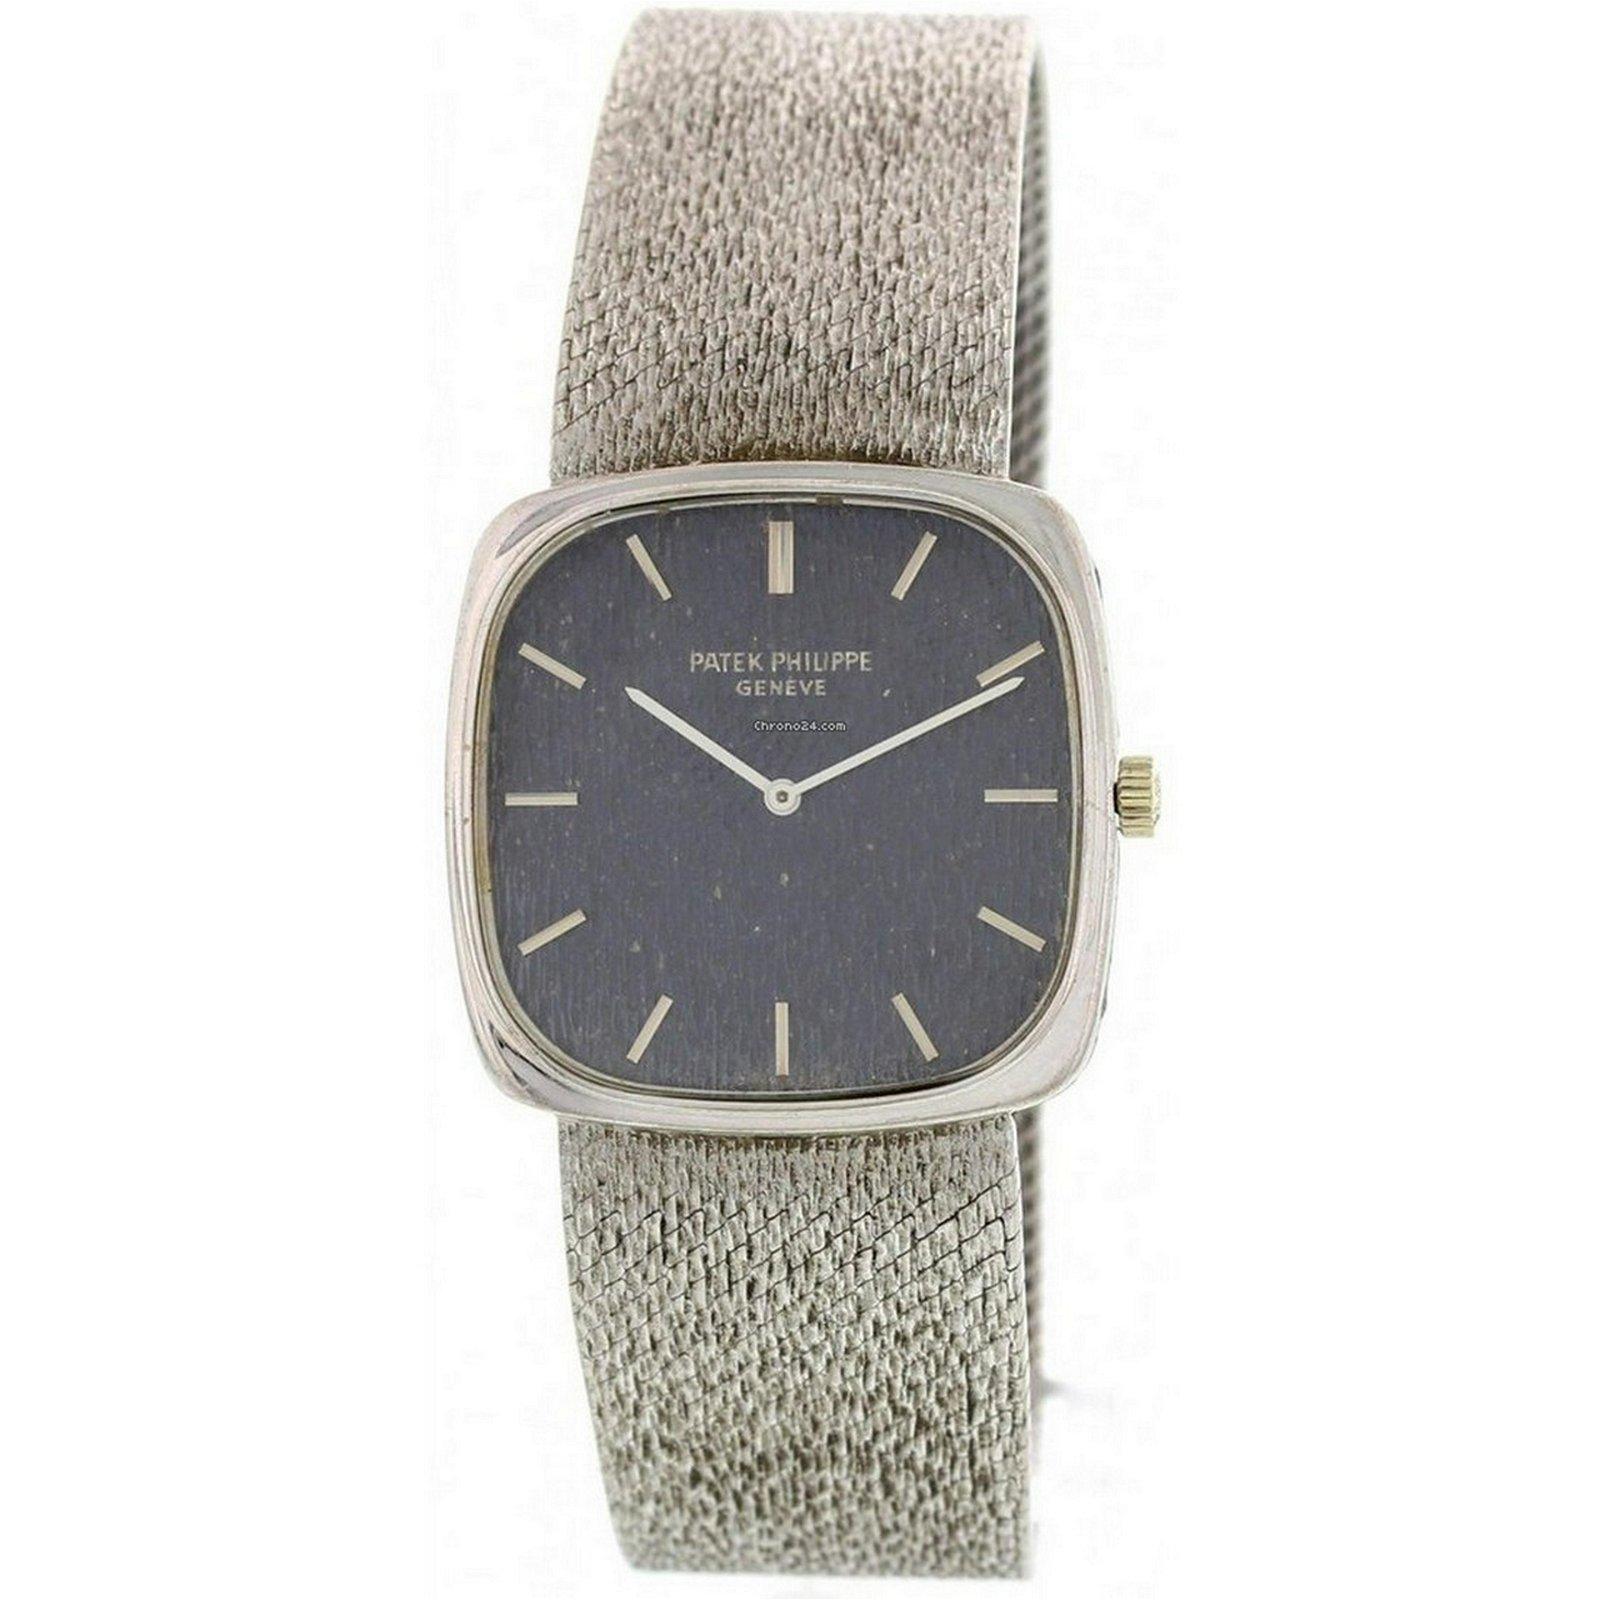 Patek Philippe Ellipse 18K White Gold Watch